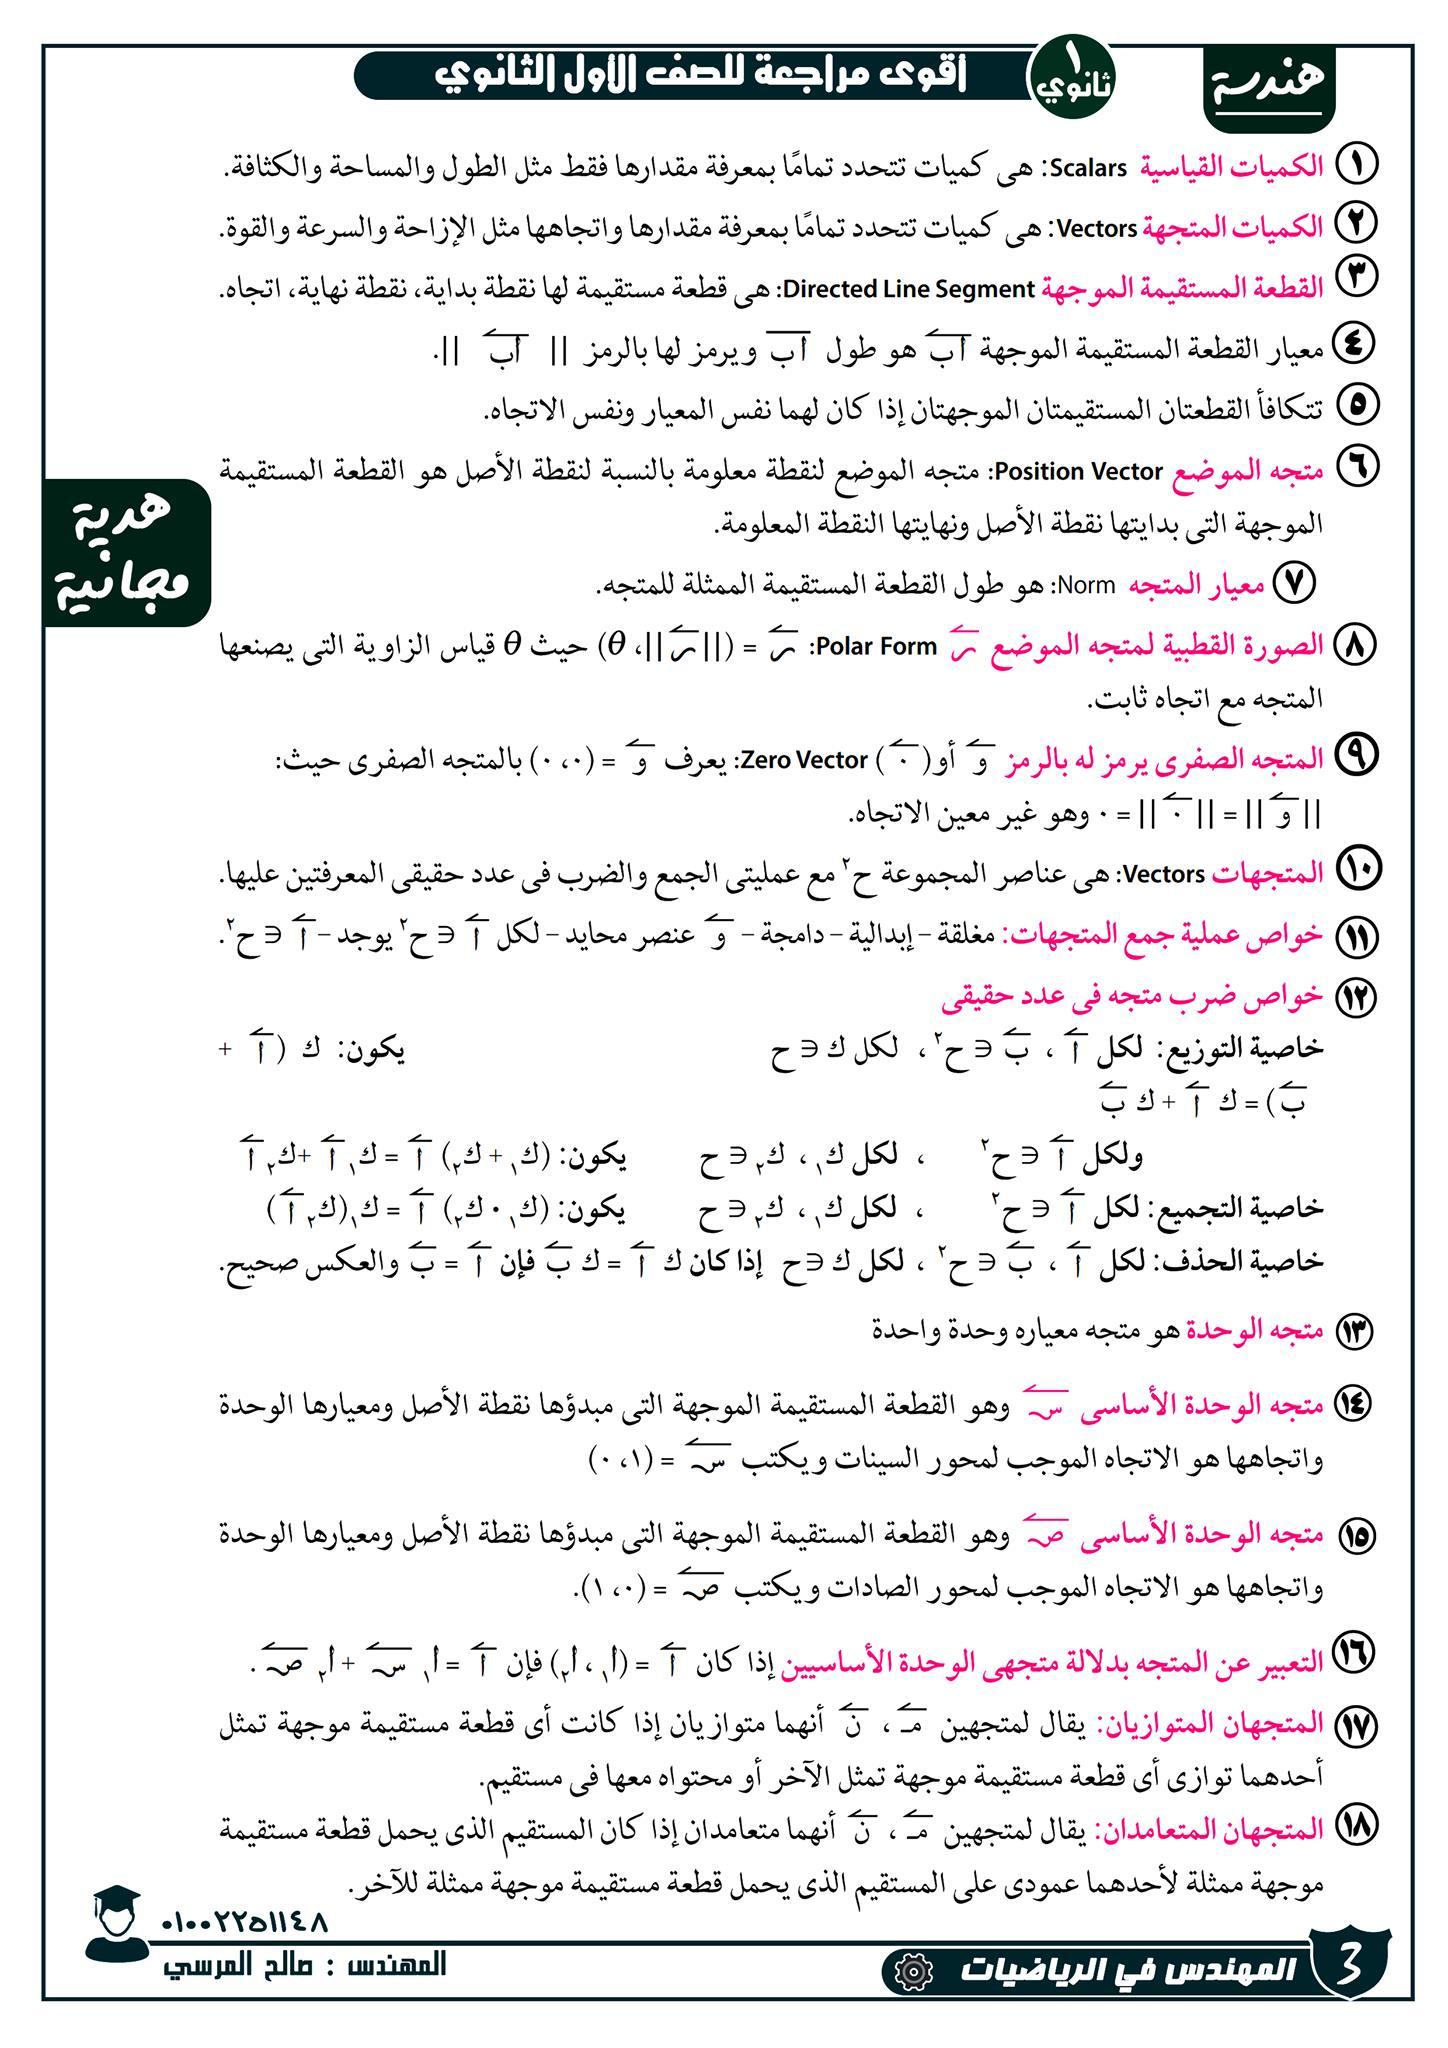 مراجعة ليلة الامتحان رياضيات للصف الأول الثانوي ترم ثاني.. ملخص كامل متكامل للقوانين و حل النماذج الاسترشادية 4